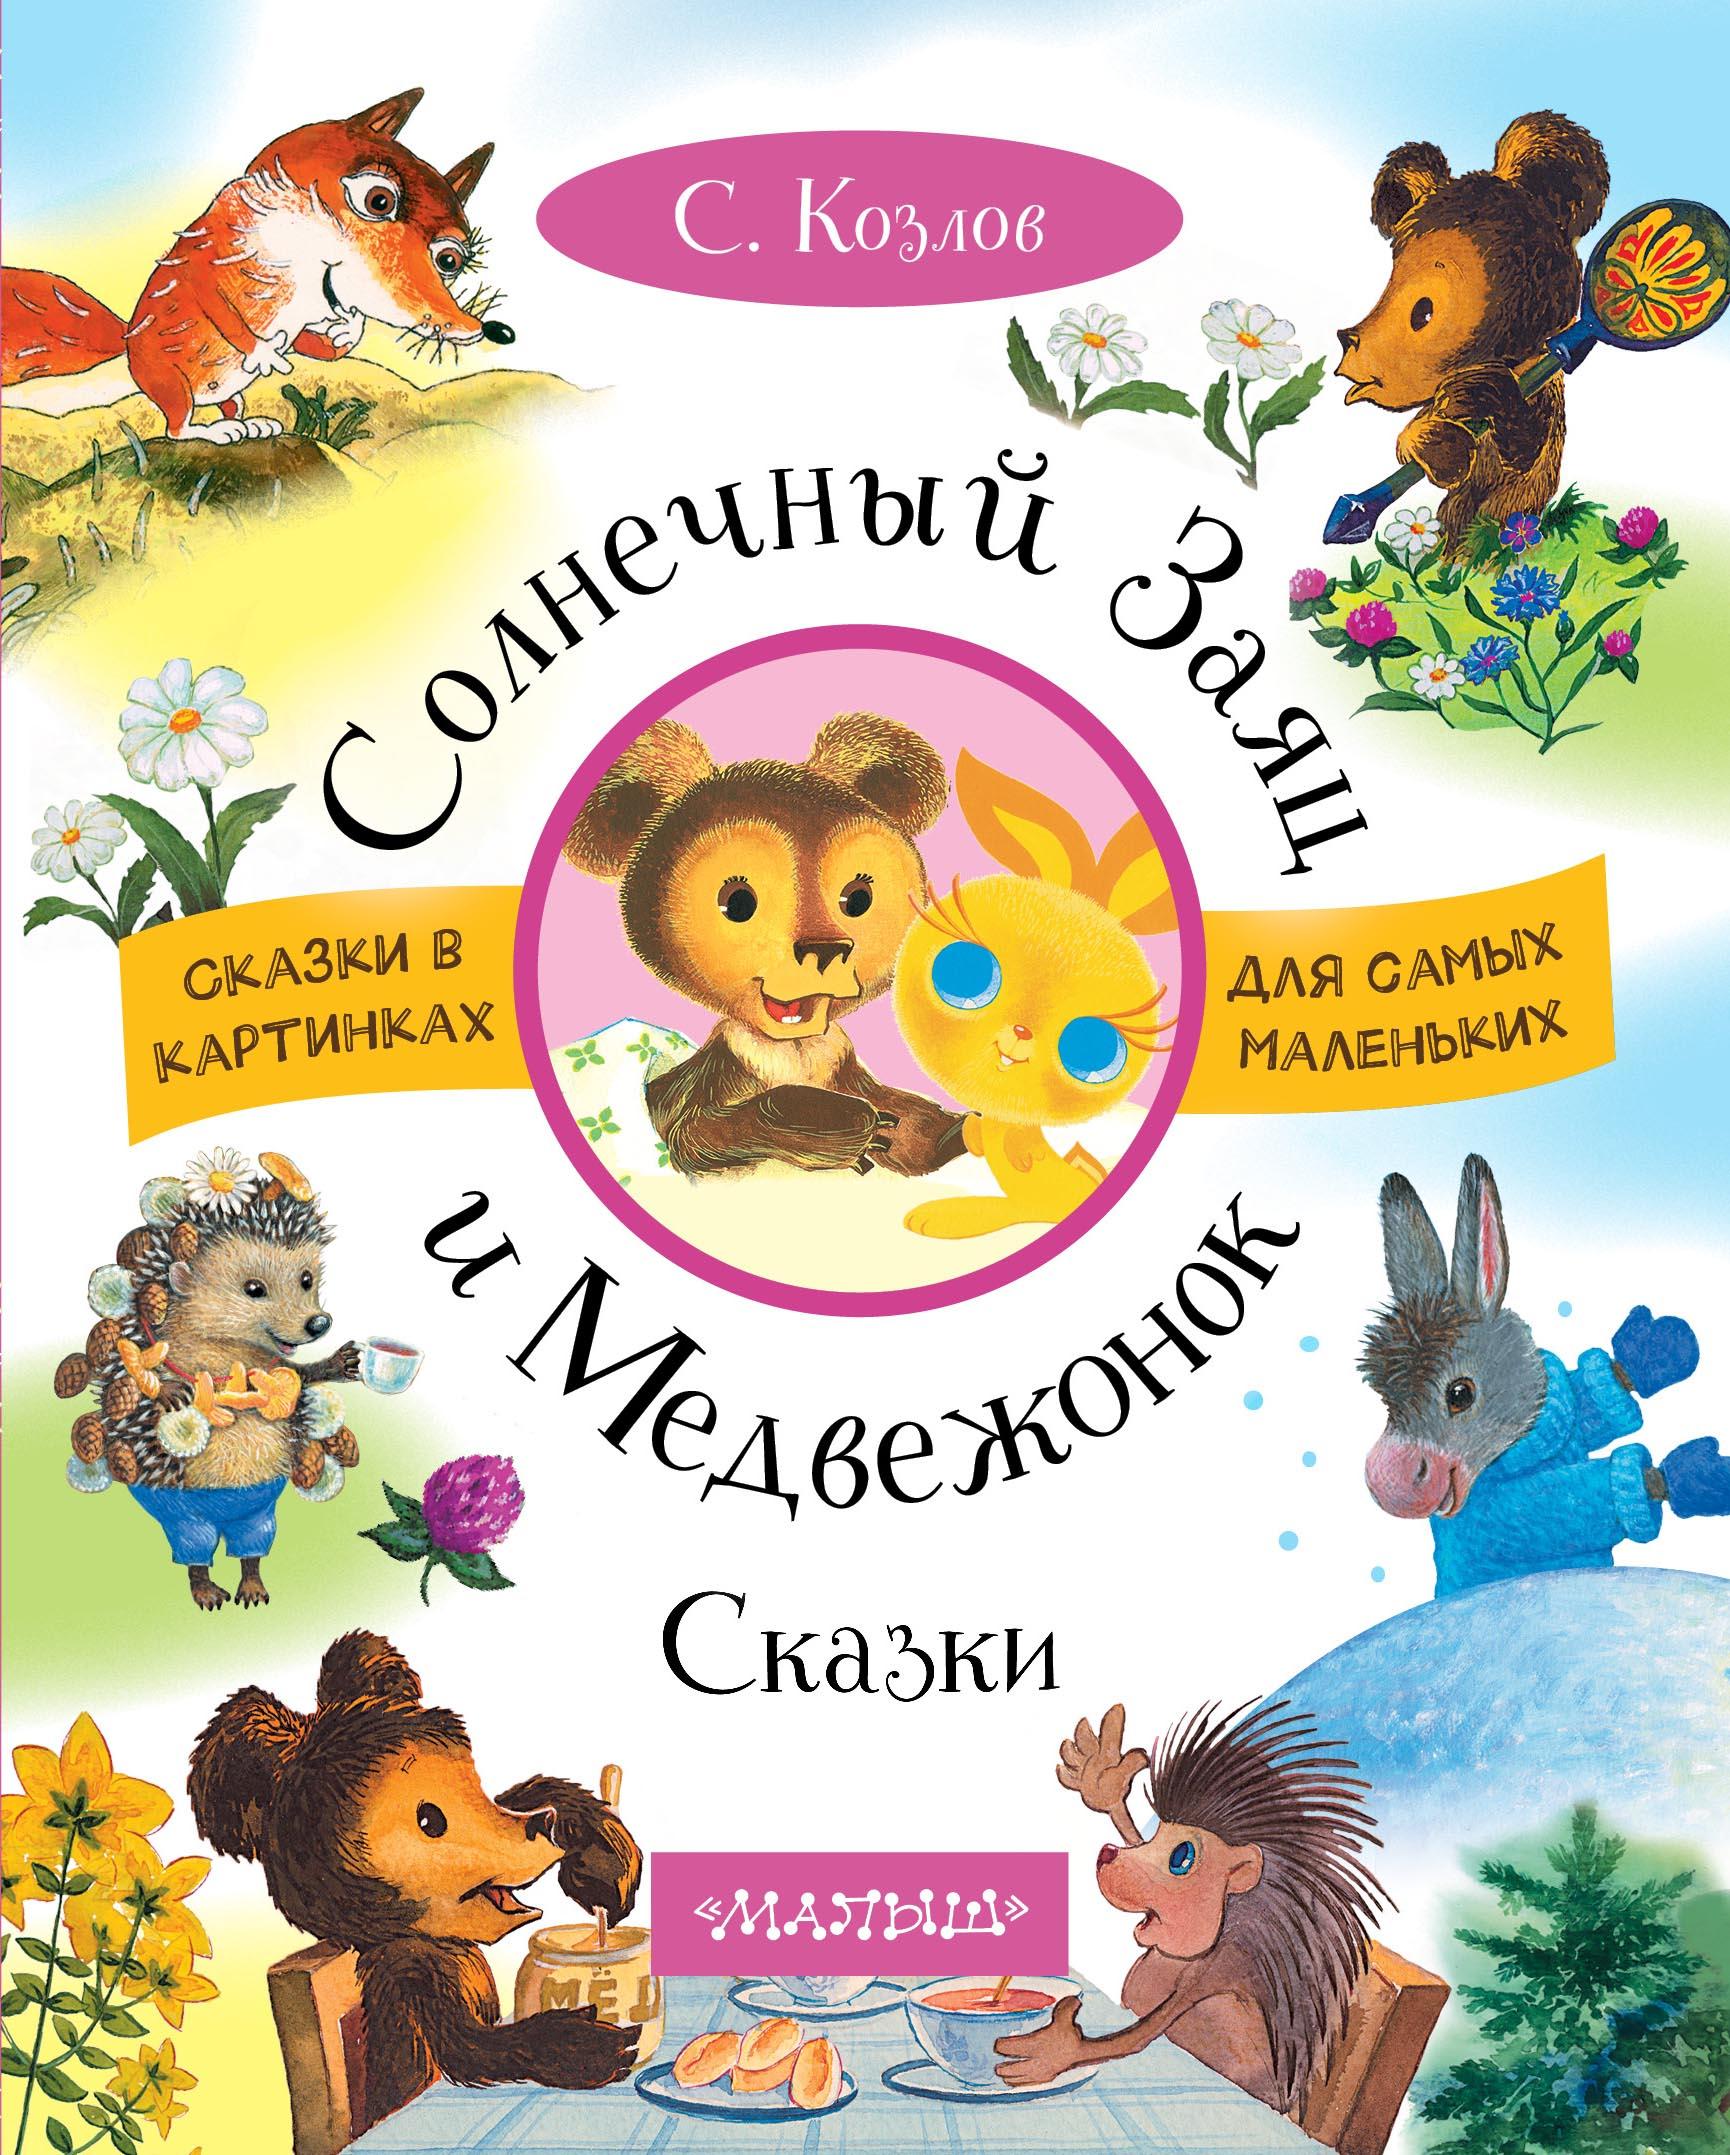 Сергей Козлов Солнечный Заяц и Медвежонок. Сказки владимир козлов седьмоенебо маршрут счастья